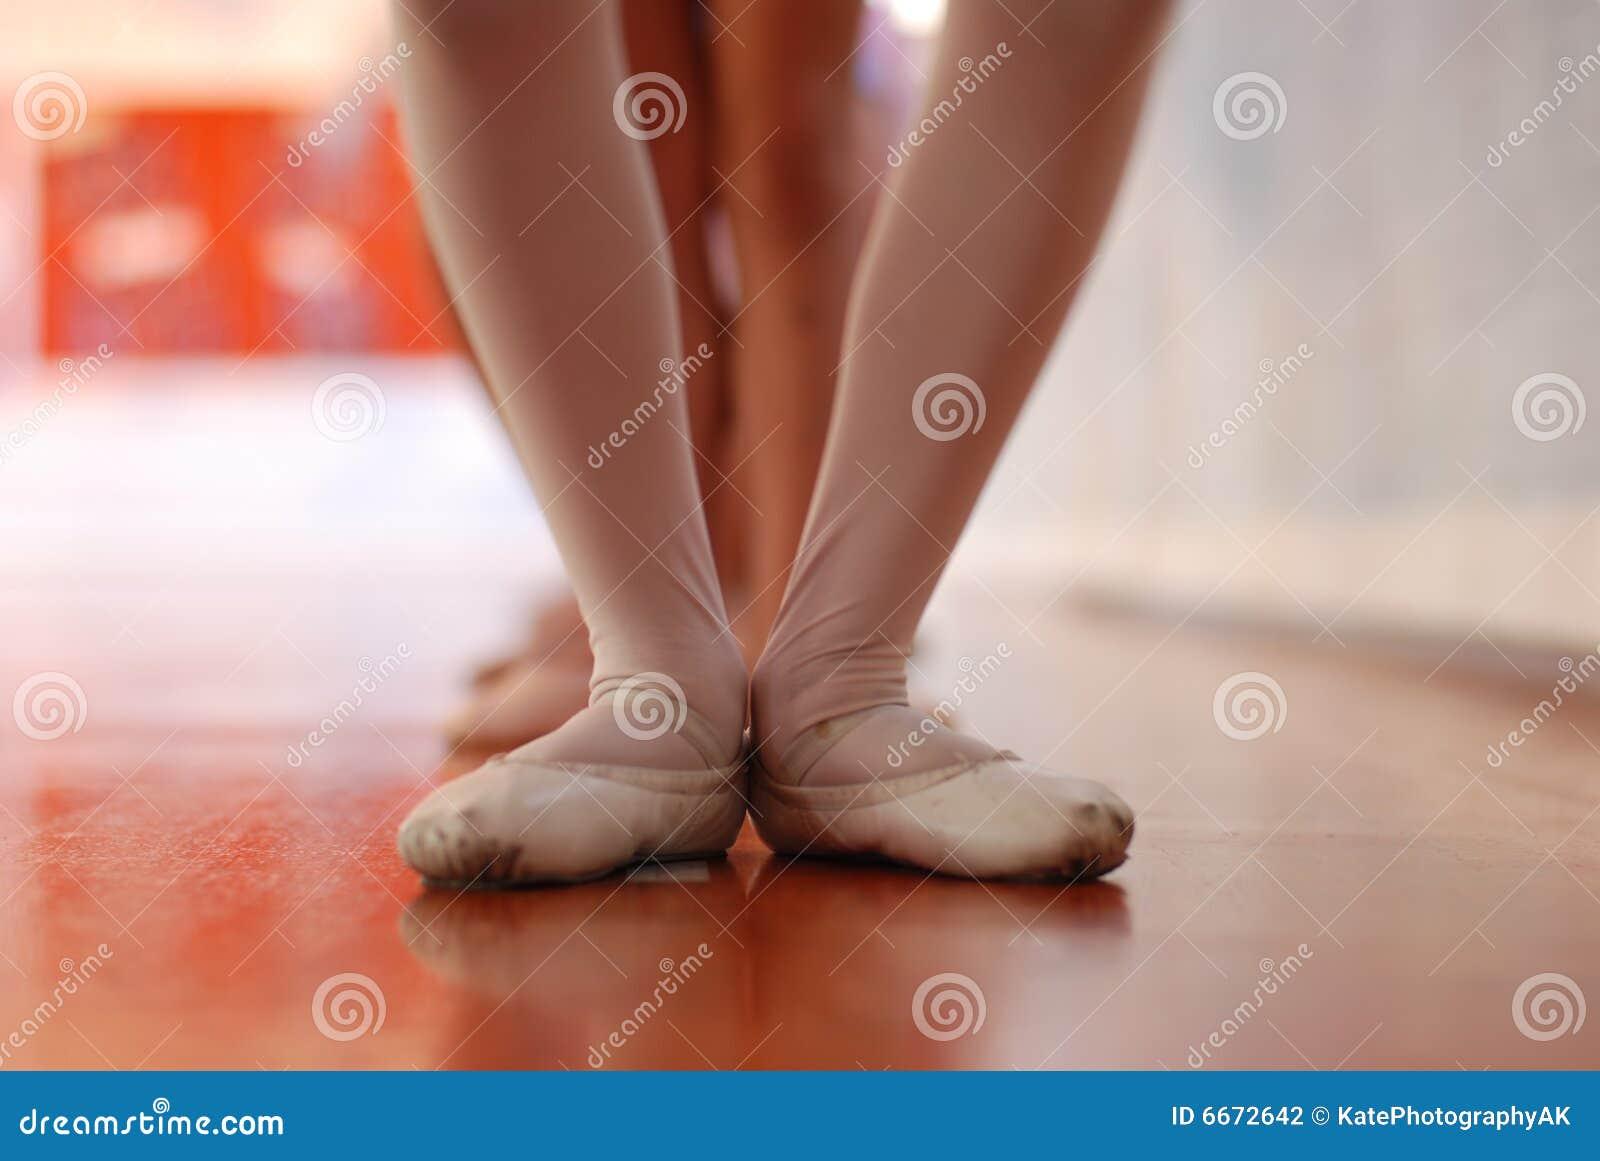 Balet klasa